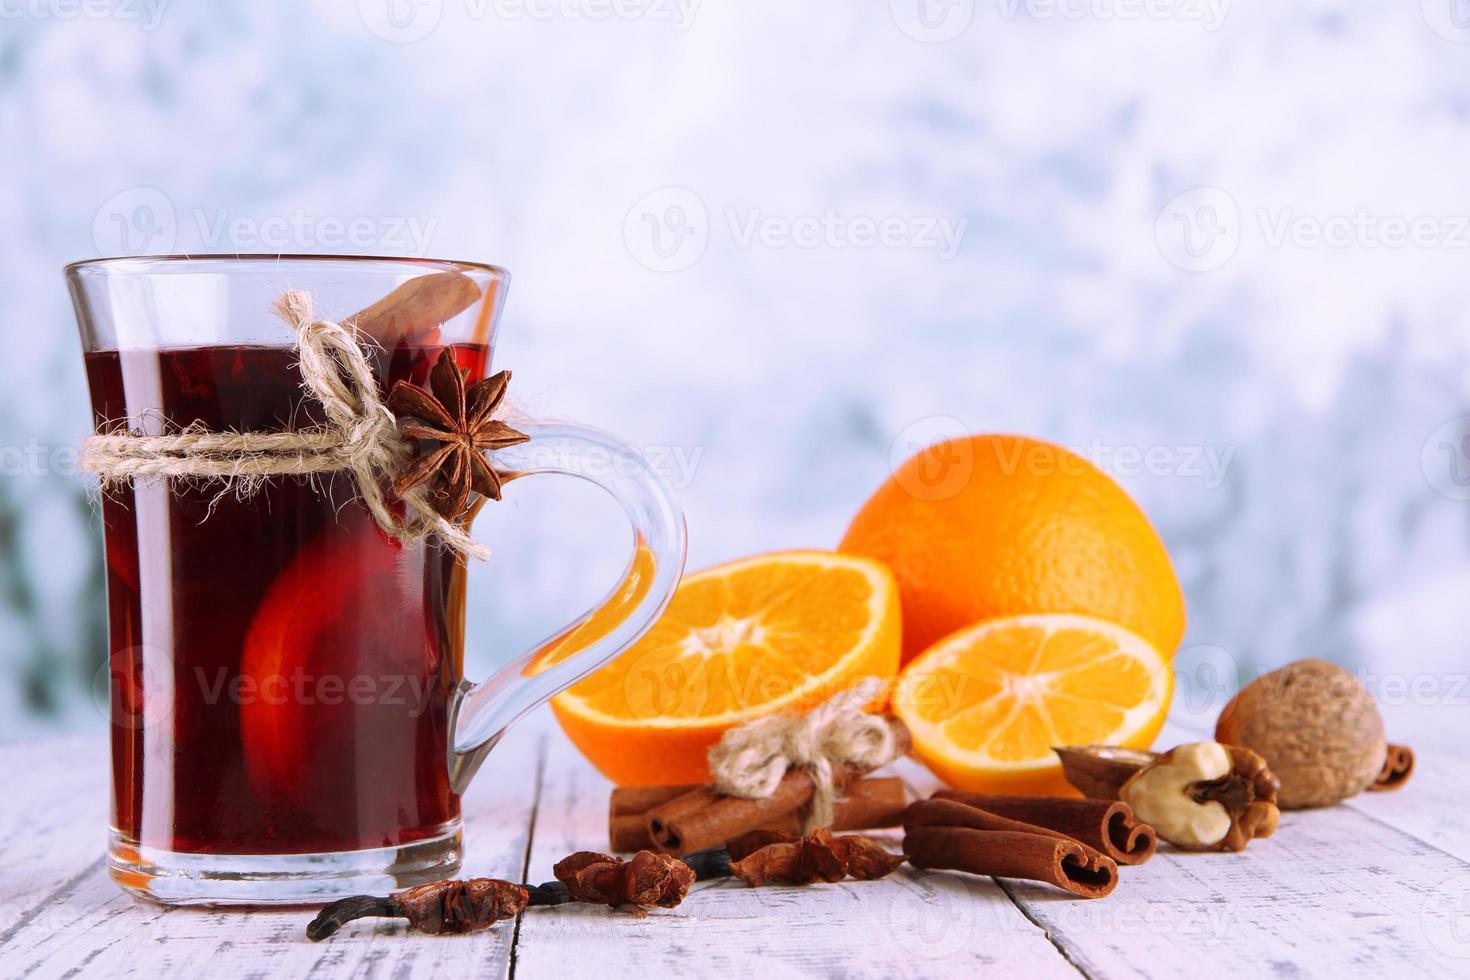 vinho quente com laranjas e especiarias na mesa foto